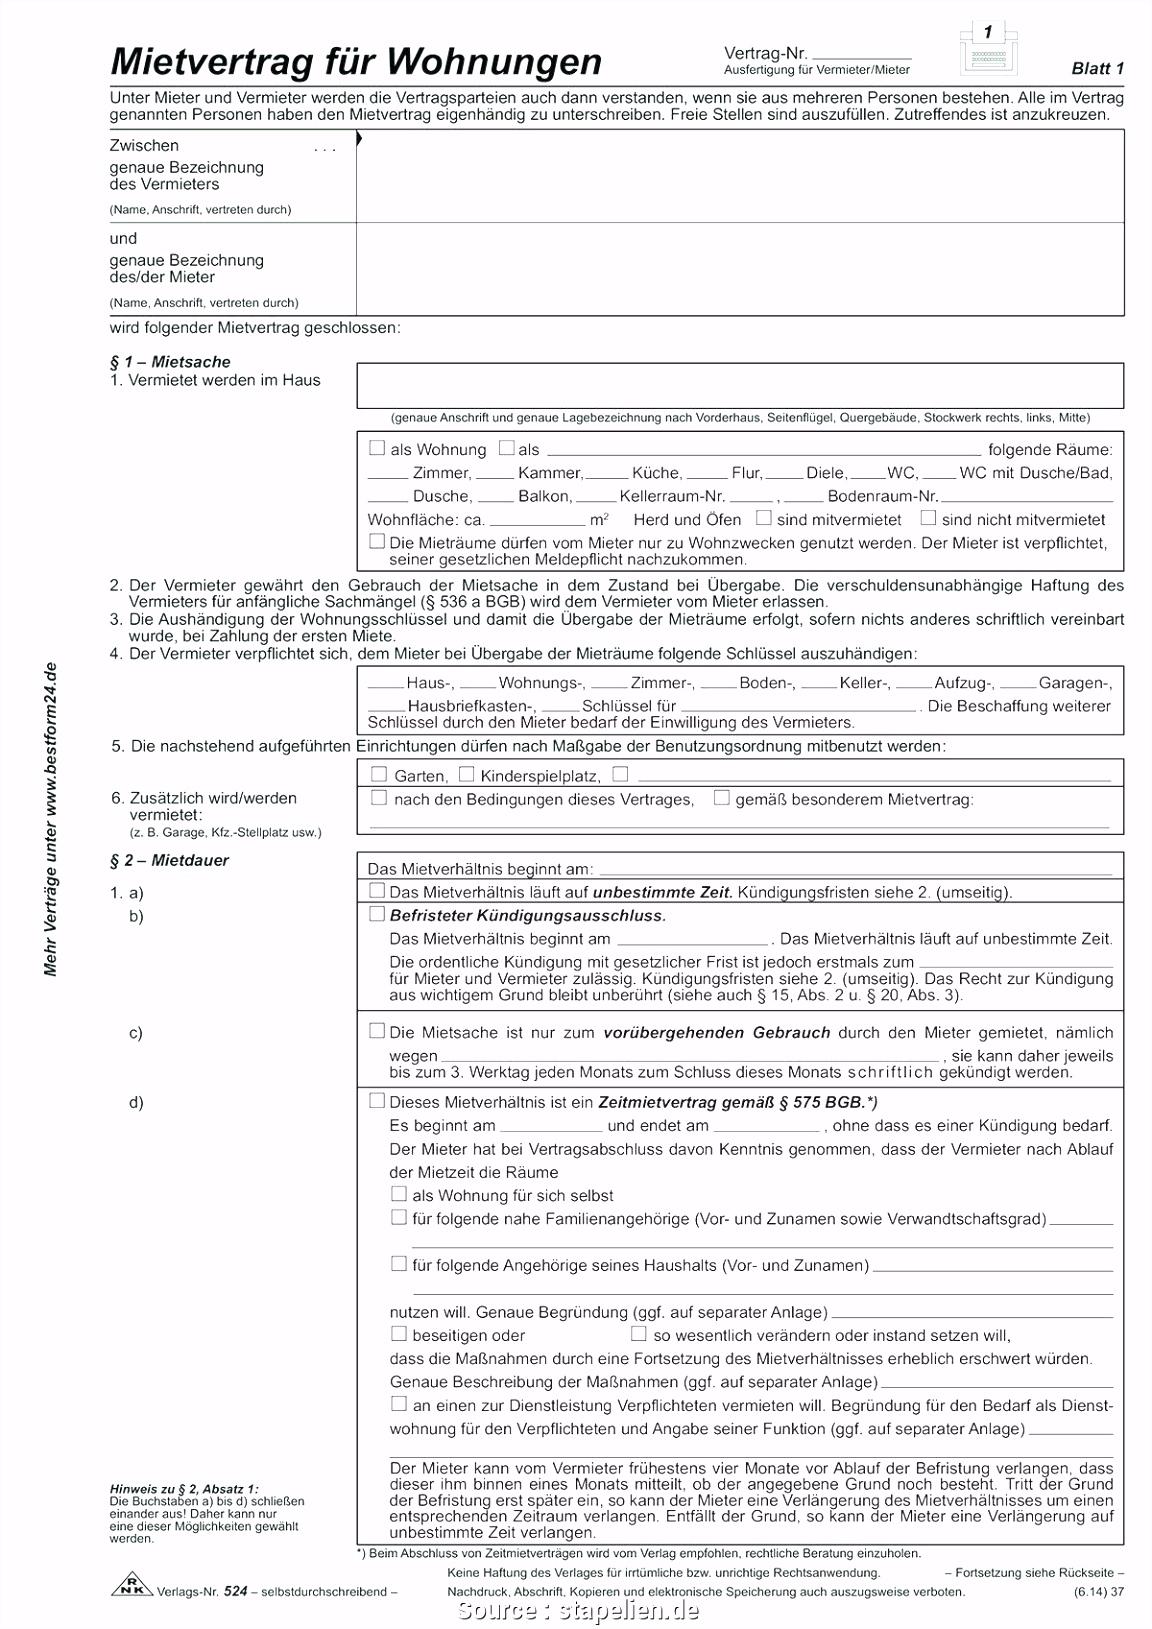 Ausgezeichnet Mietvertrag Kündigung Muster Ergenekonteror